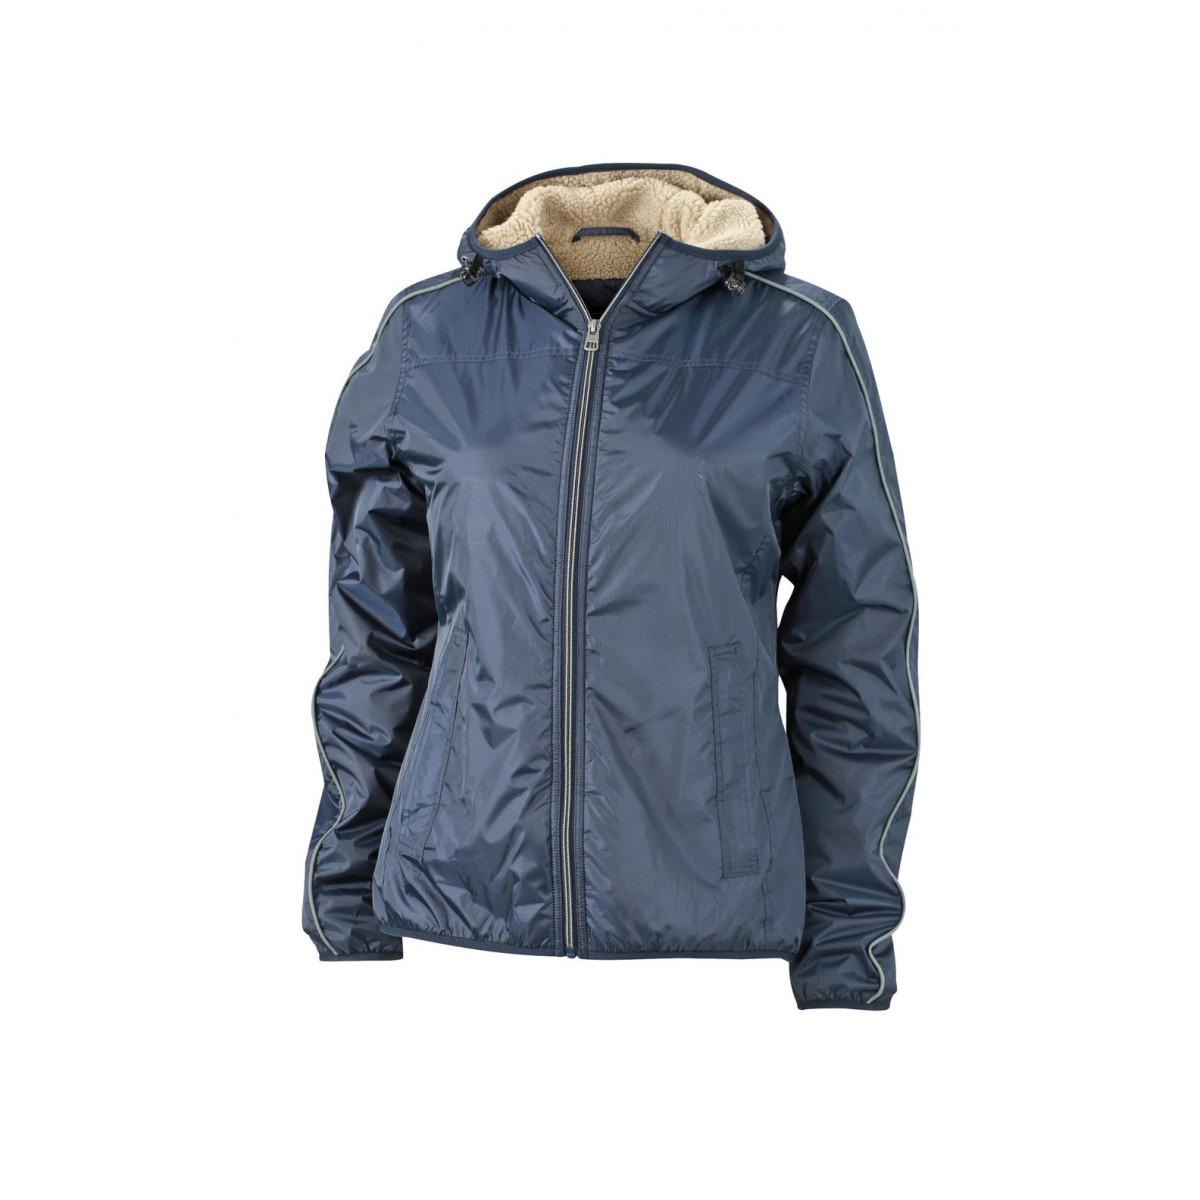 Куртка женская JN1103 Ladies Winter Sports Jacket - Темно-синий/Желтый